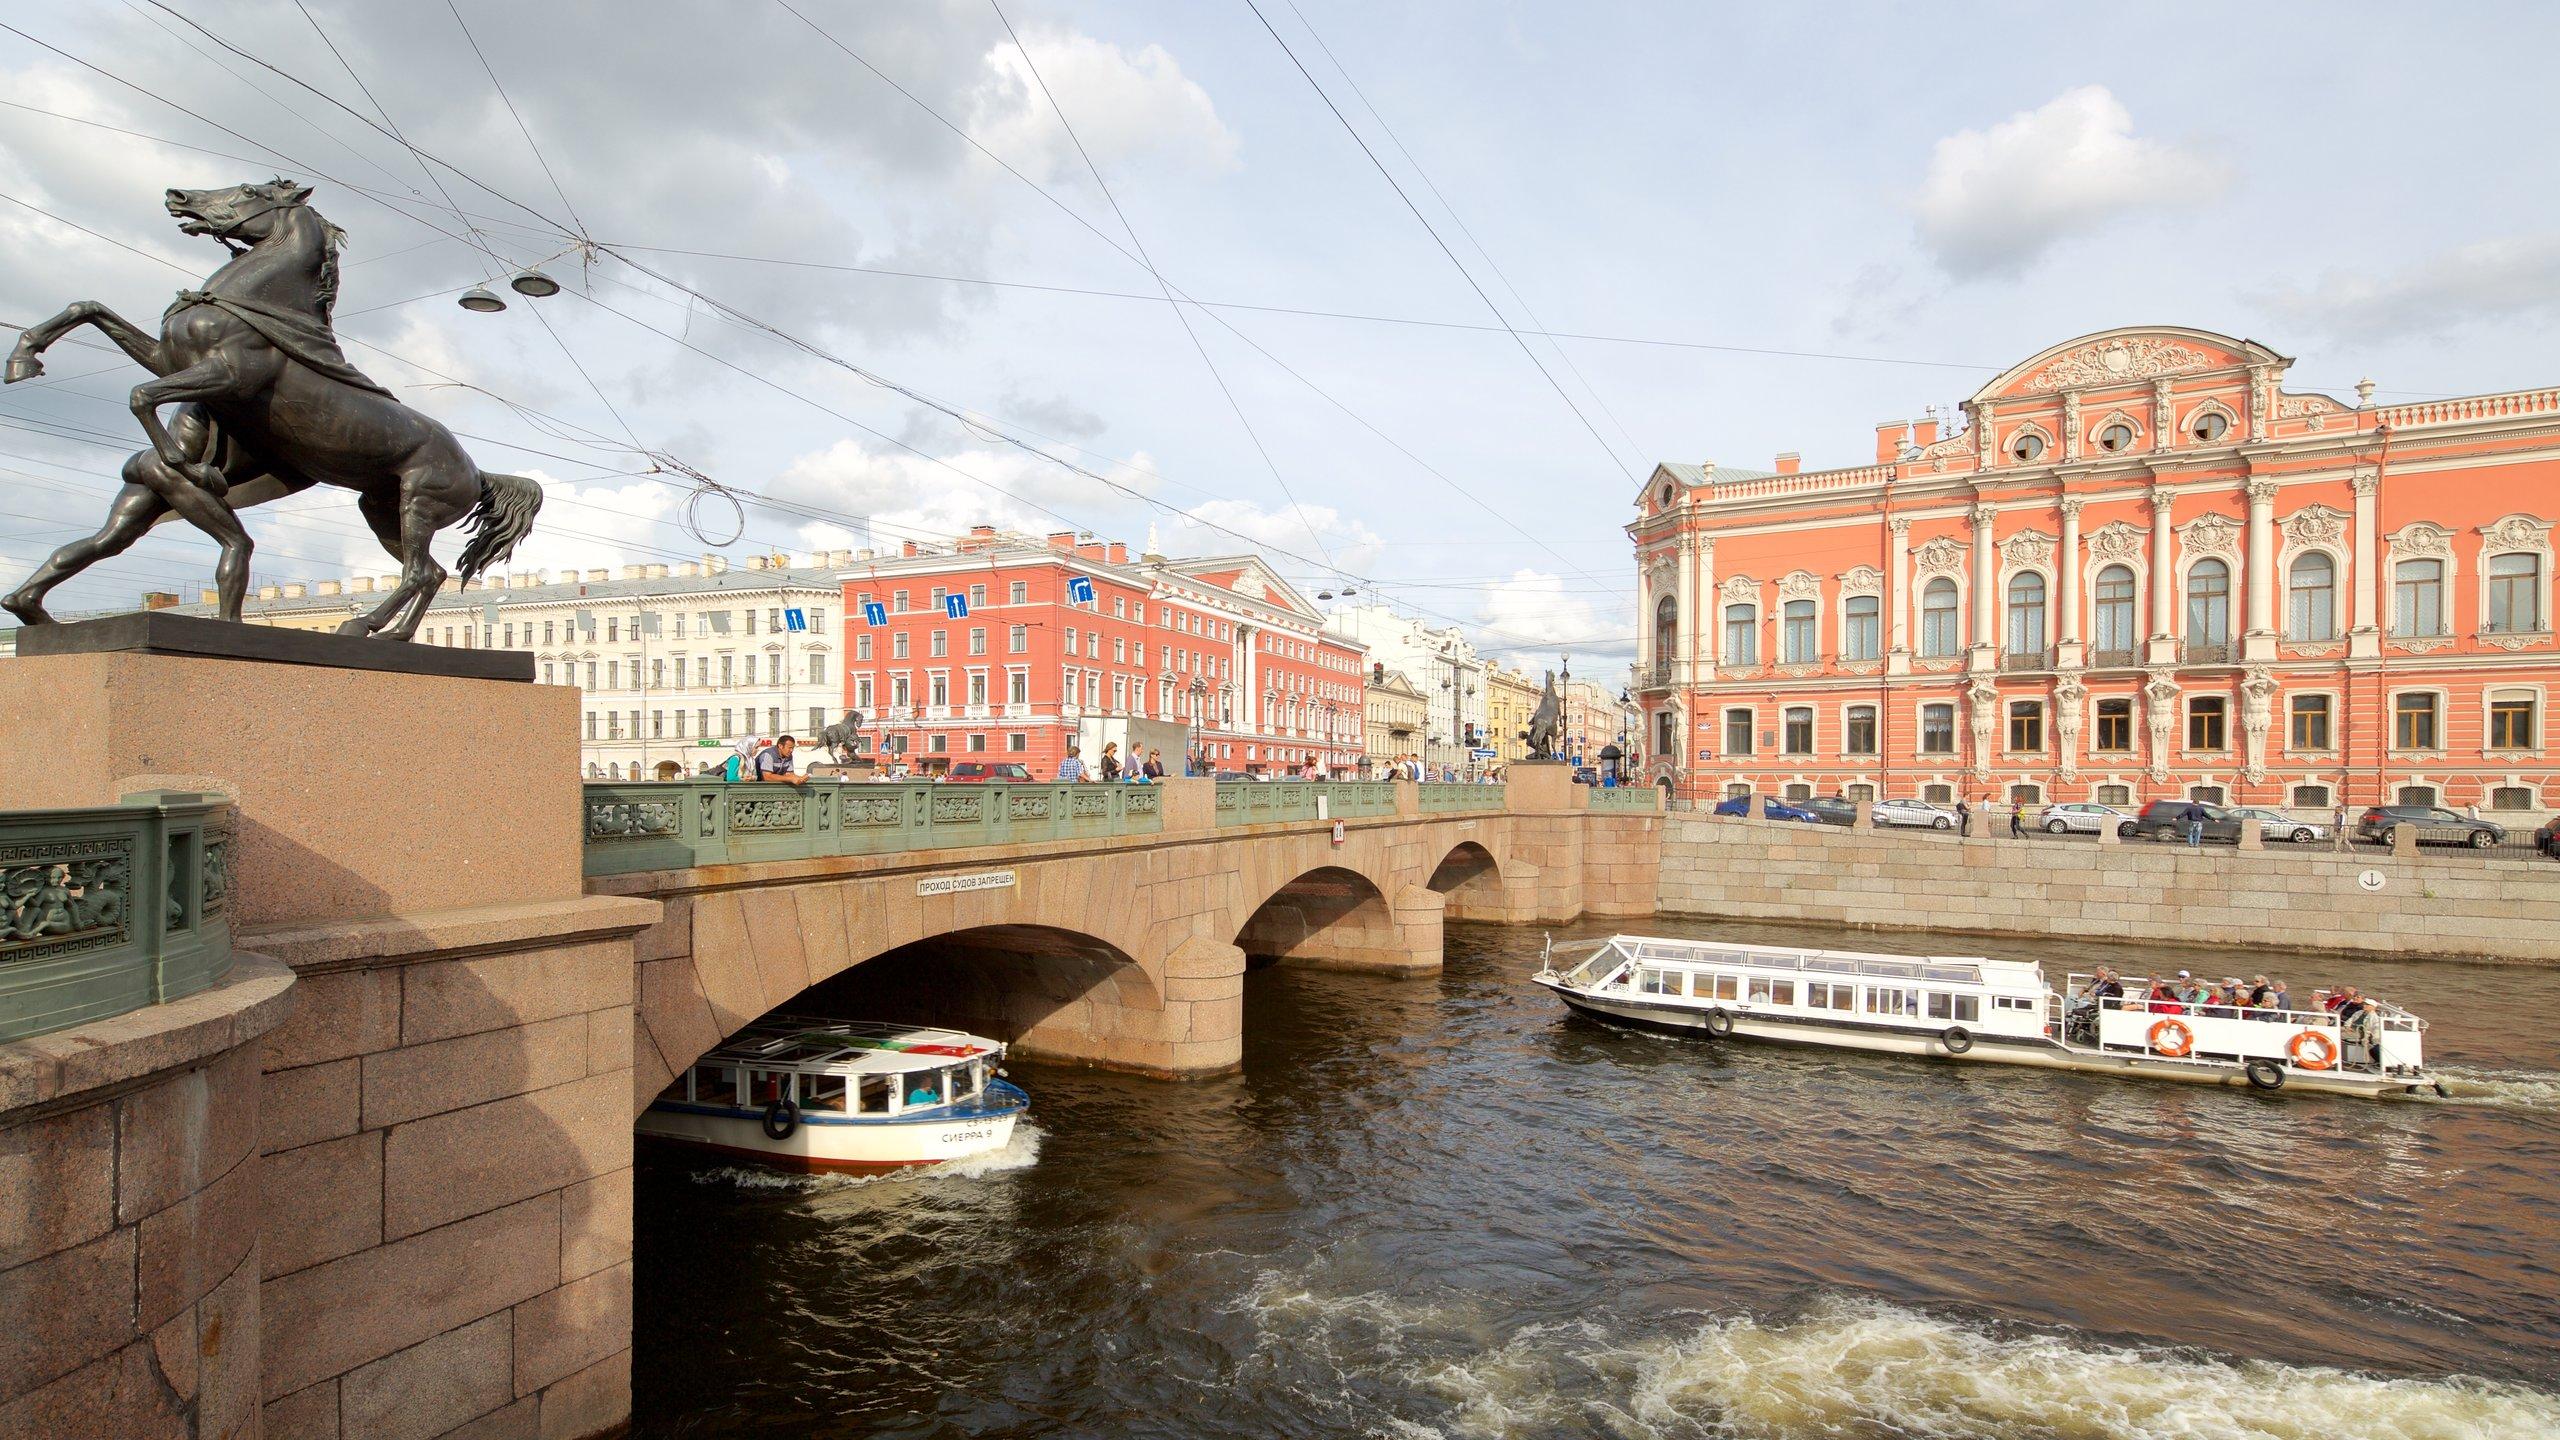 Sennoy, St. Petersburg, Saint Petersburg, Russia